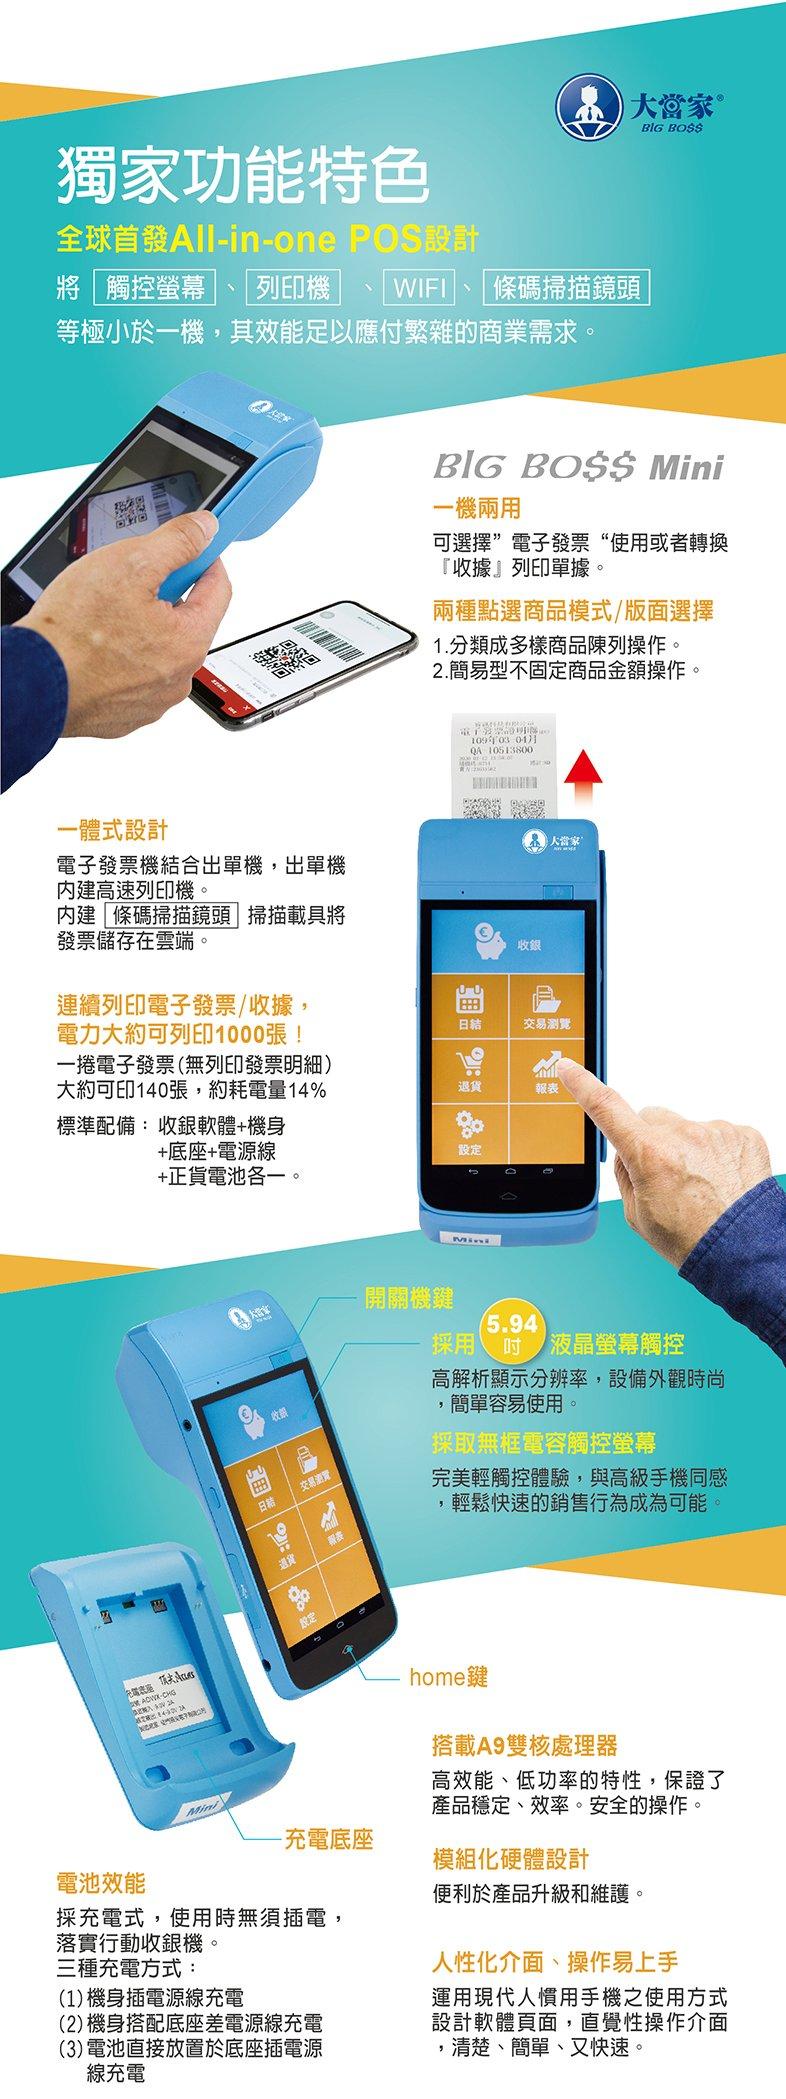 傳真機-打卡鐘-收銀機-影印機-OA系列用品-ANETECH 安屹科技資訊有限公司